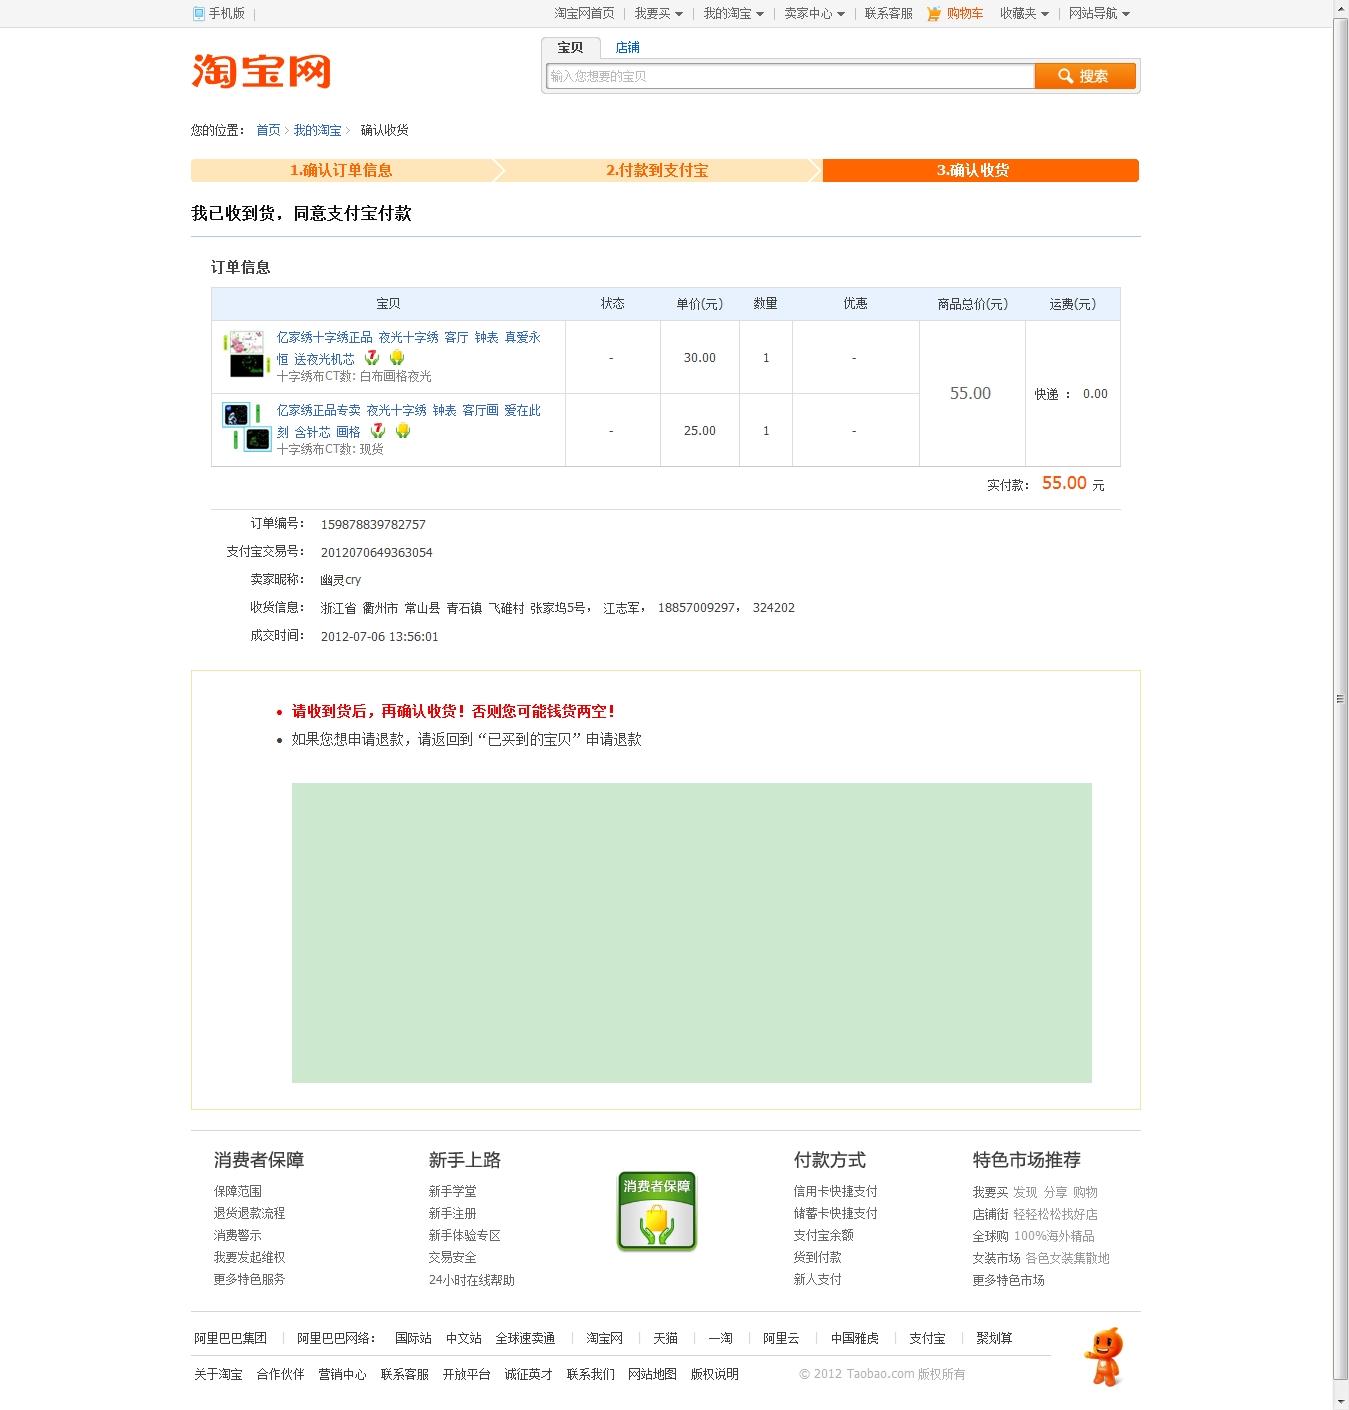 淘宝网页面论+�_淘宝网不能确认收货,显示\